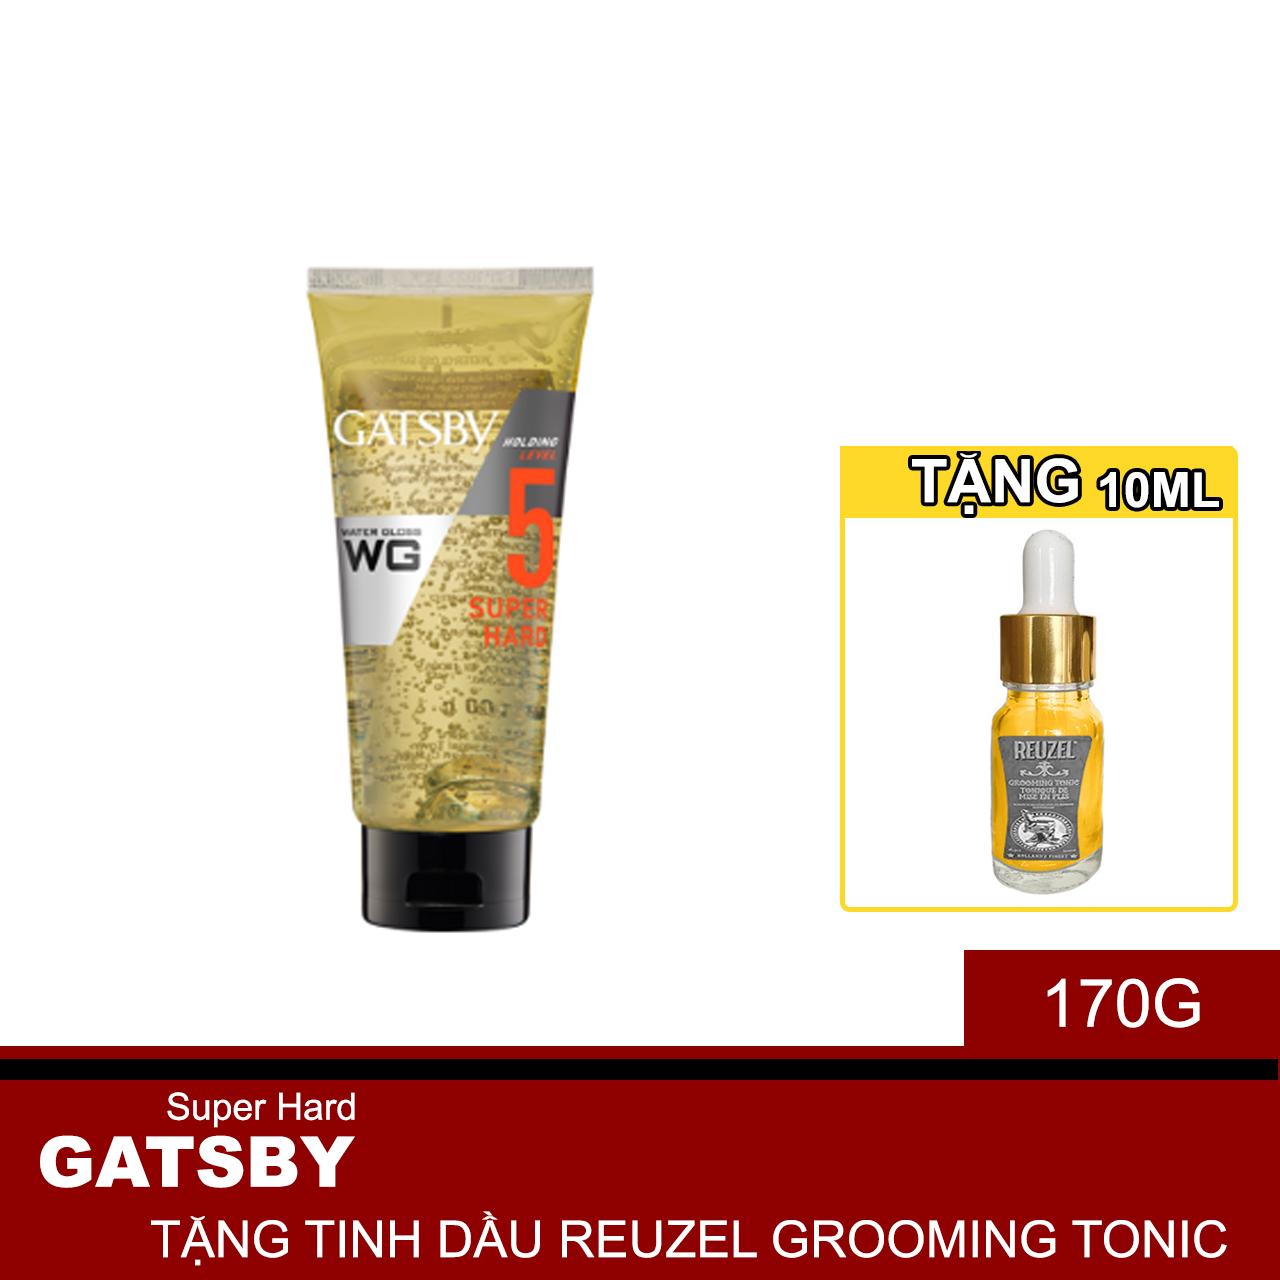 Gel Tạo Kiểu Siêu Cứng Water Gloss Bóng Mượt Super Hard Cấp Độ 5 + Tặng Reuzel Grooming Tonic - Chính hãng - WATER GLOSS 170G